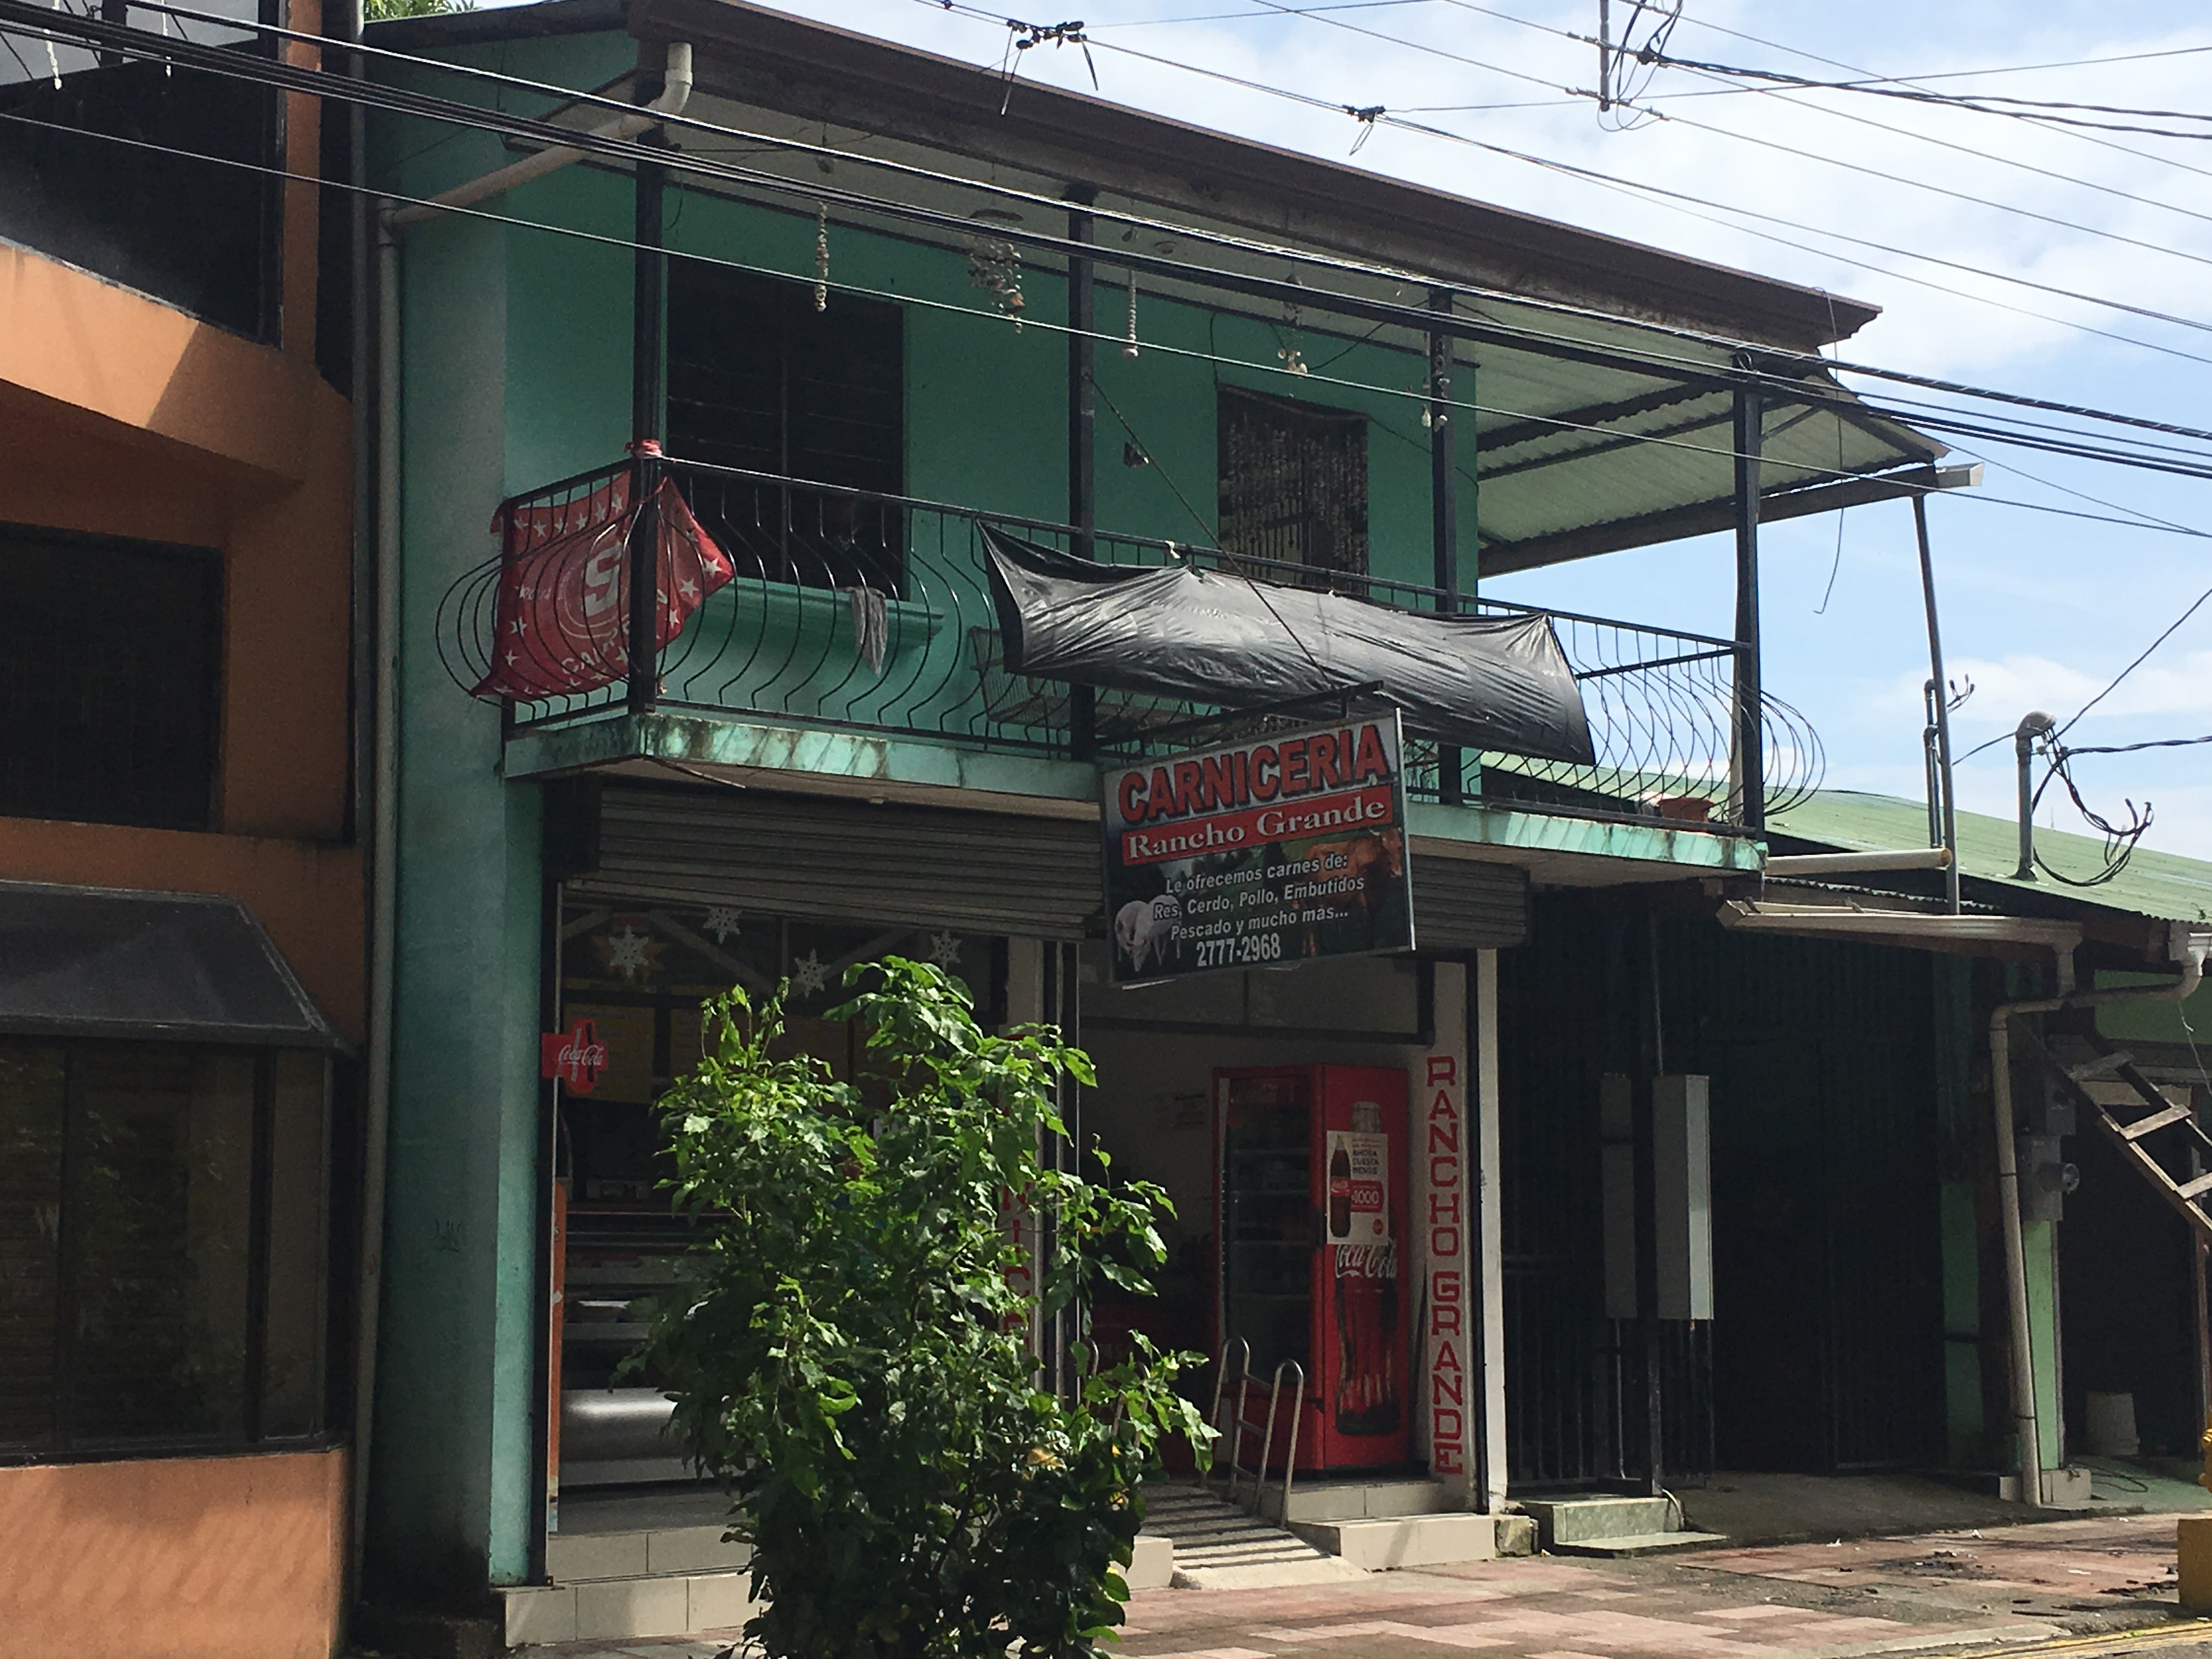 Butcher shop (La Carnicería)